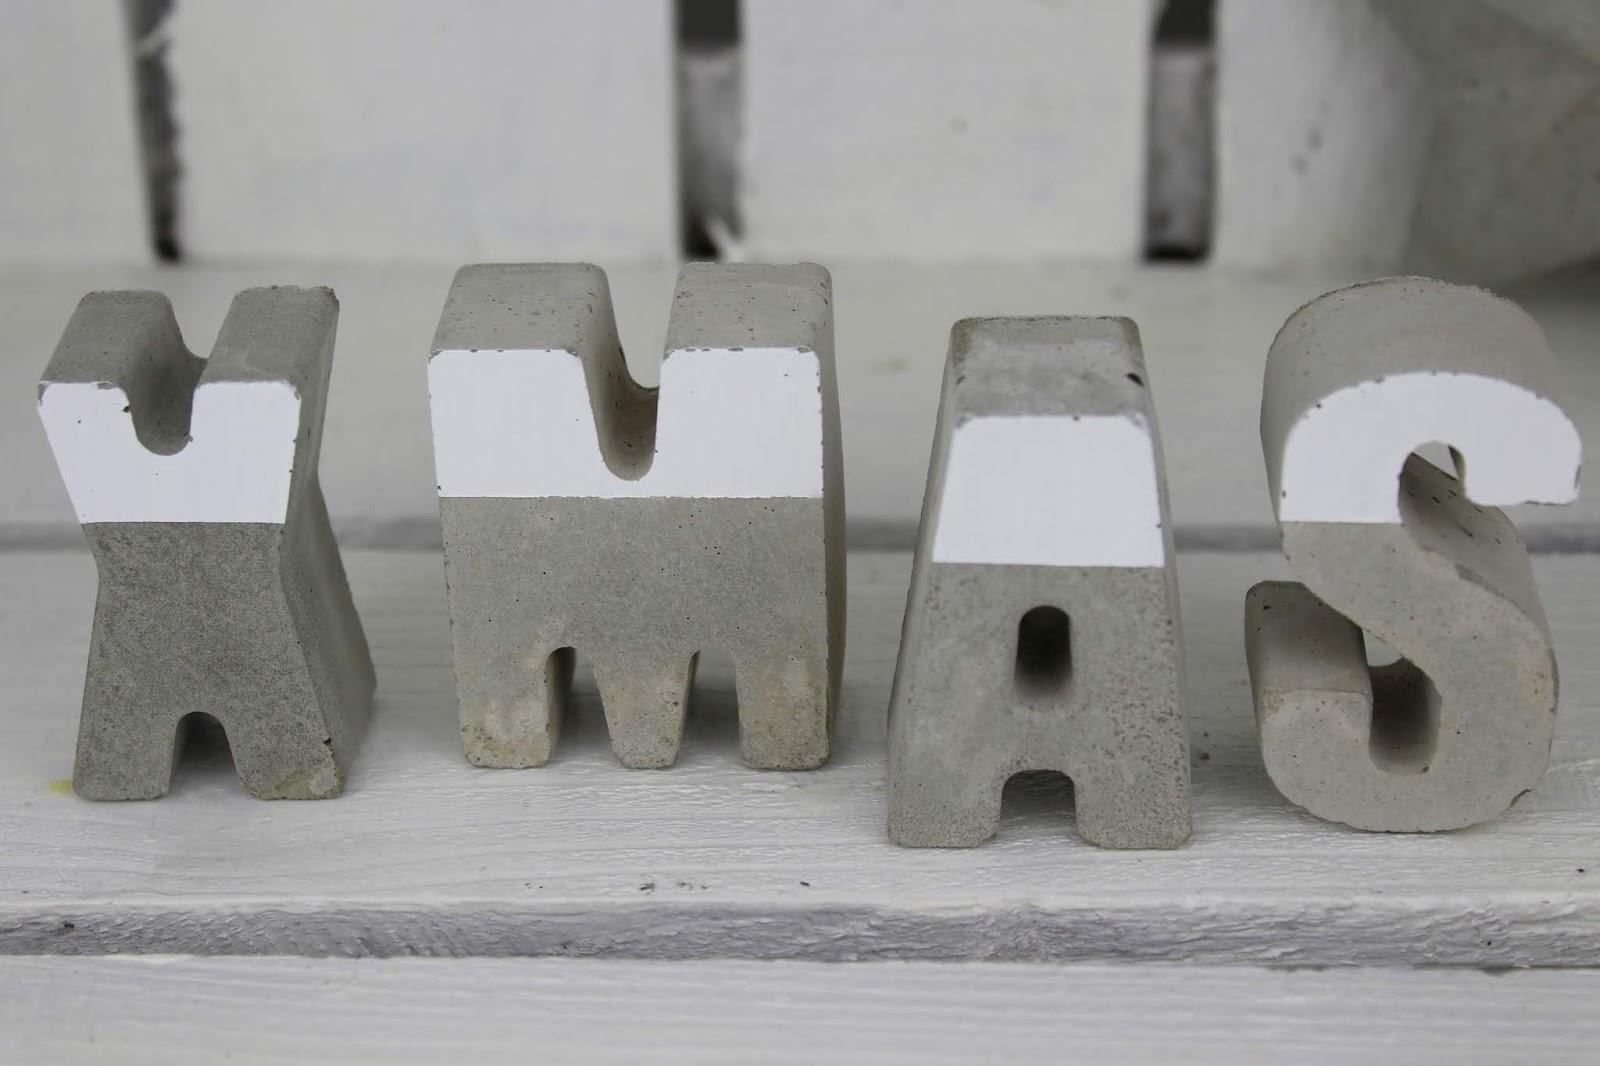 DIY Beton Buchstaben XMAS ganz einfach selber machen - wunderschöne, kleine Weihnachtsdeko